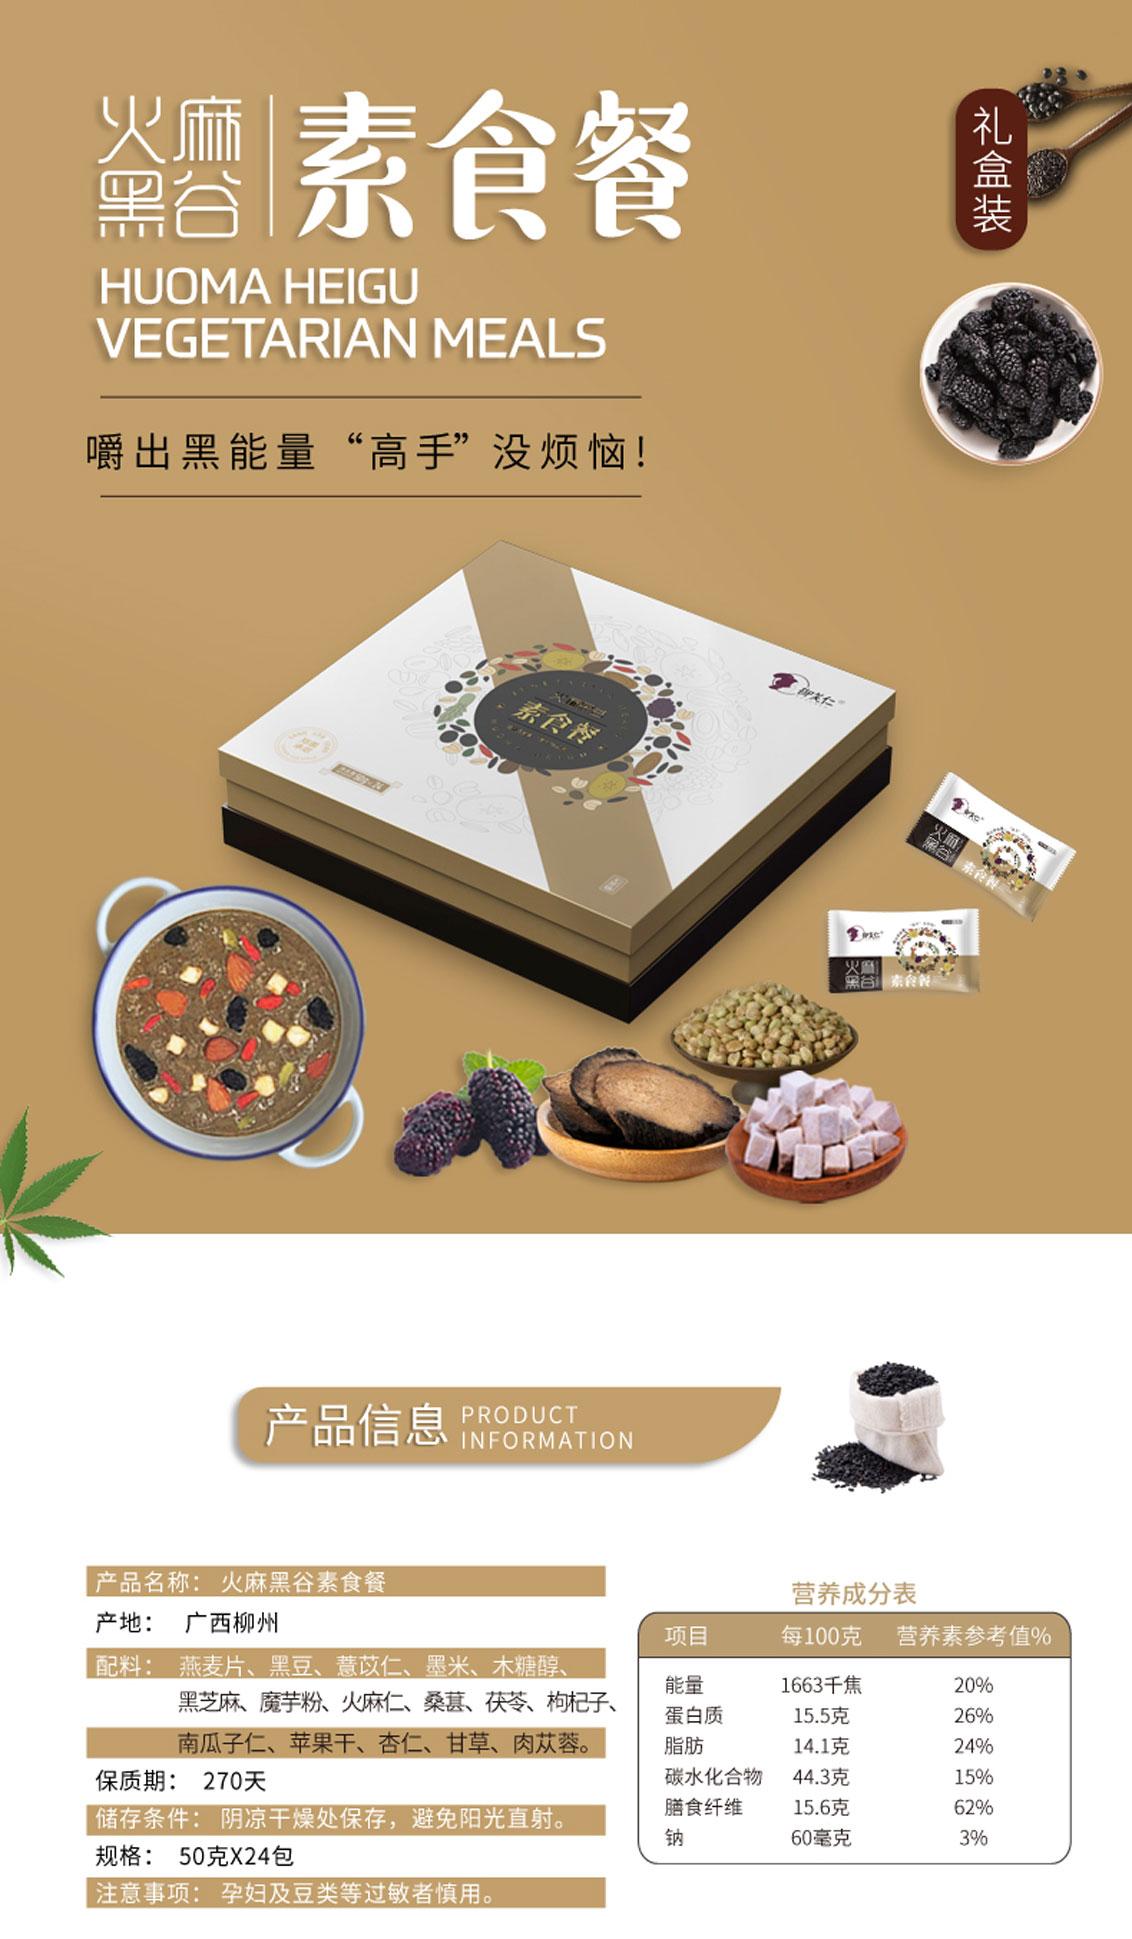 火麻黑谷素食餐礼盒装-详情页-W_01